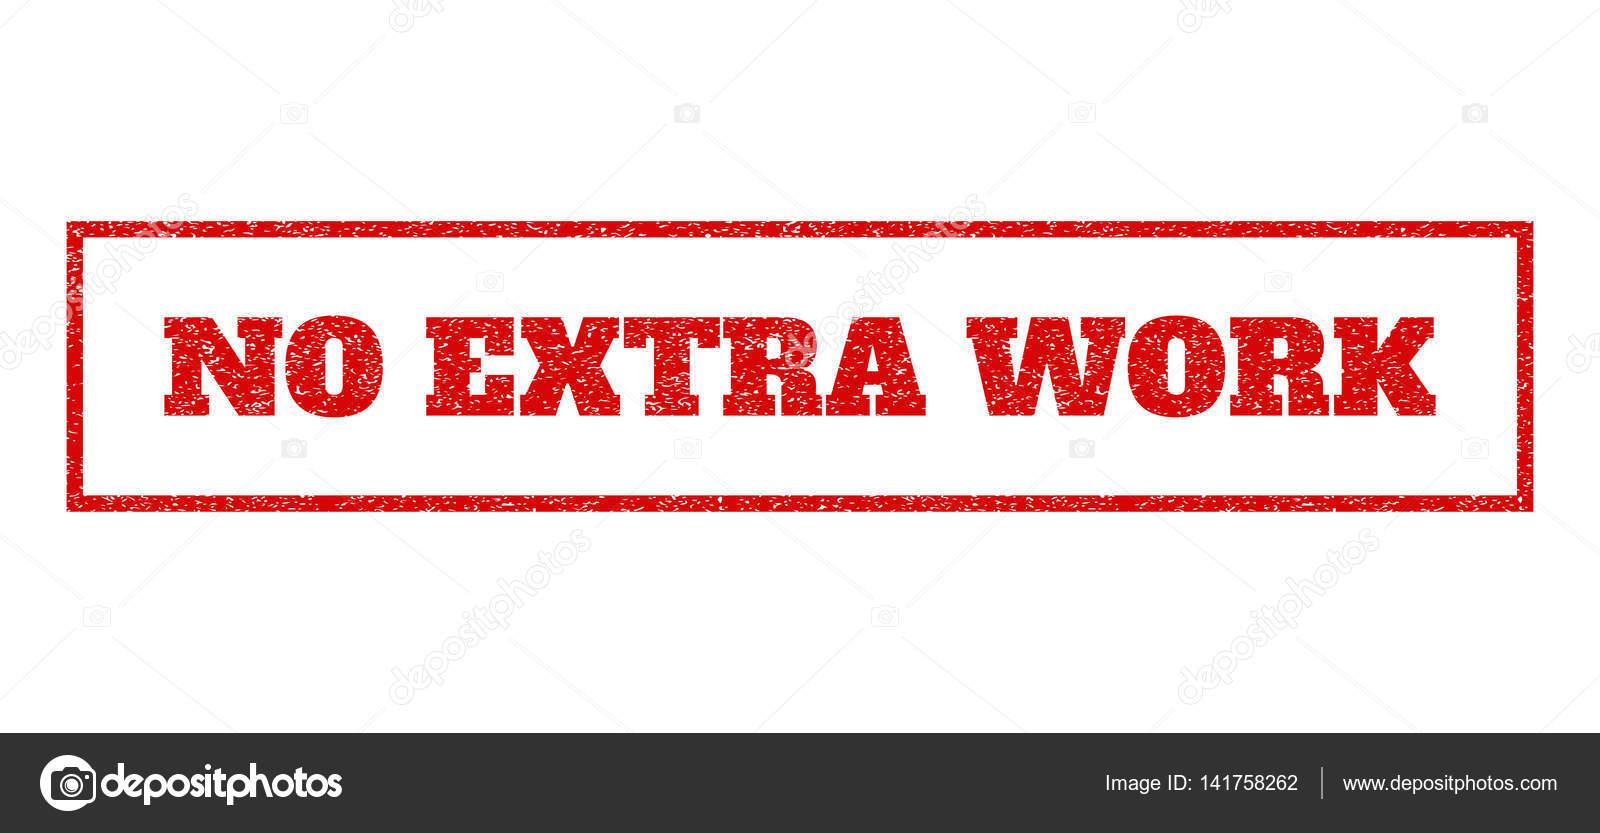 红色的橡皮印章加盖没有额外的工作文本.矢量邮件里面的矩形形状.